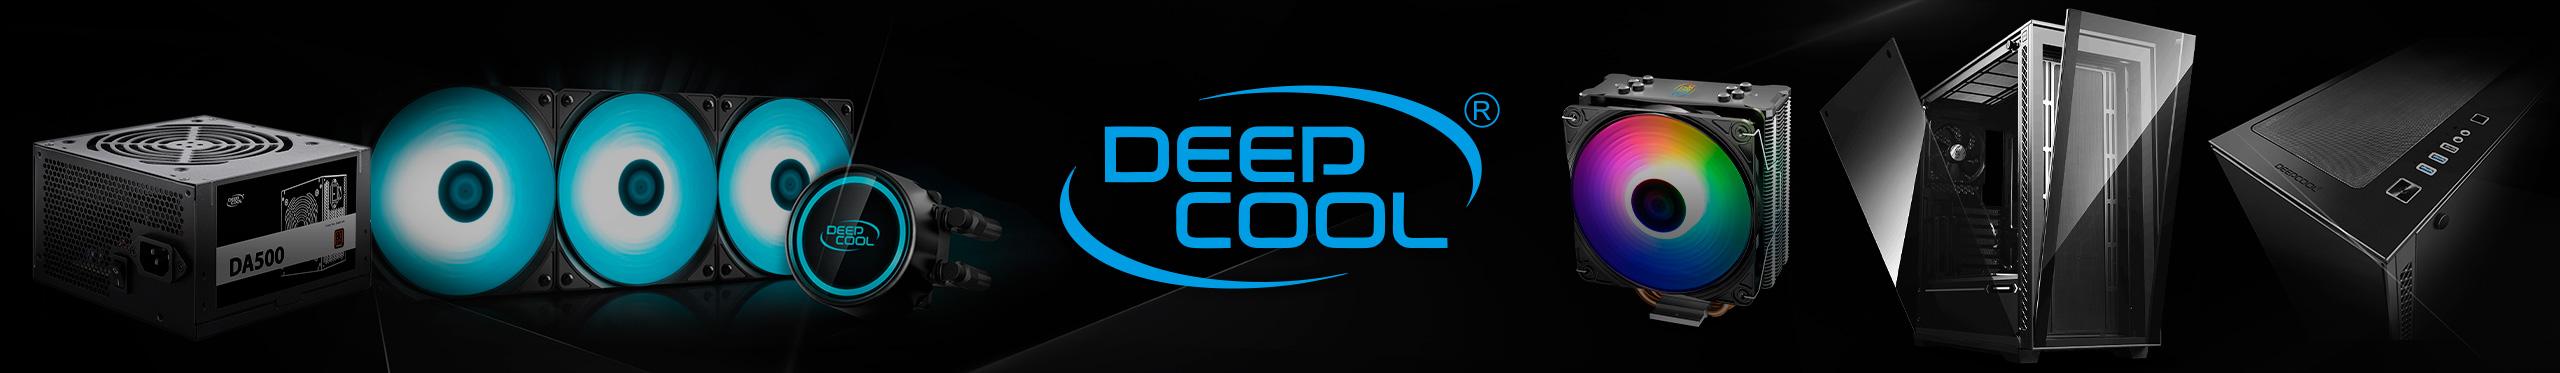 Banner Deepcool